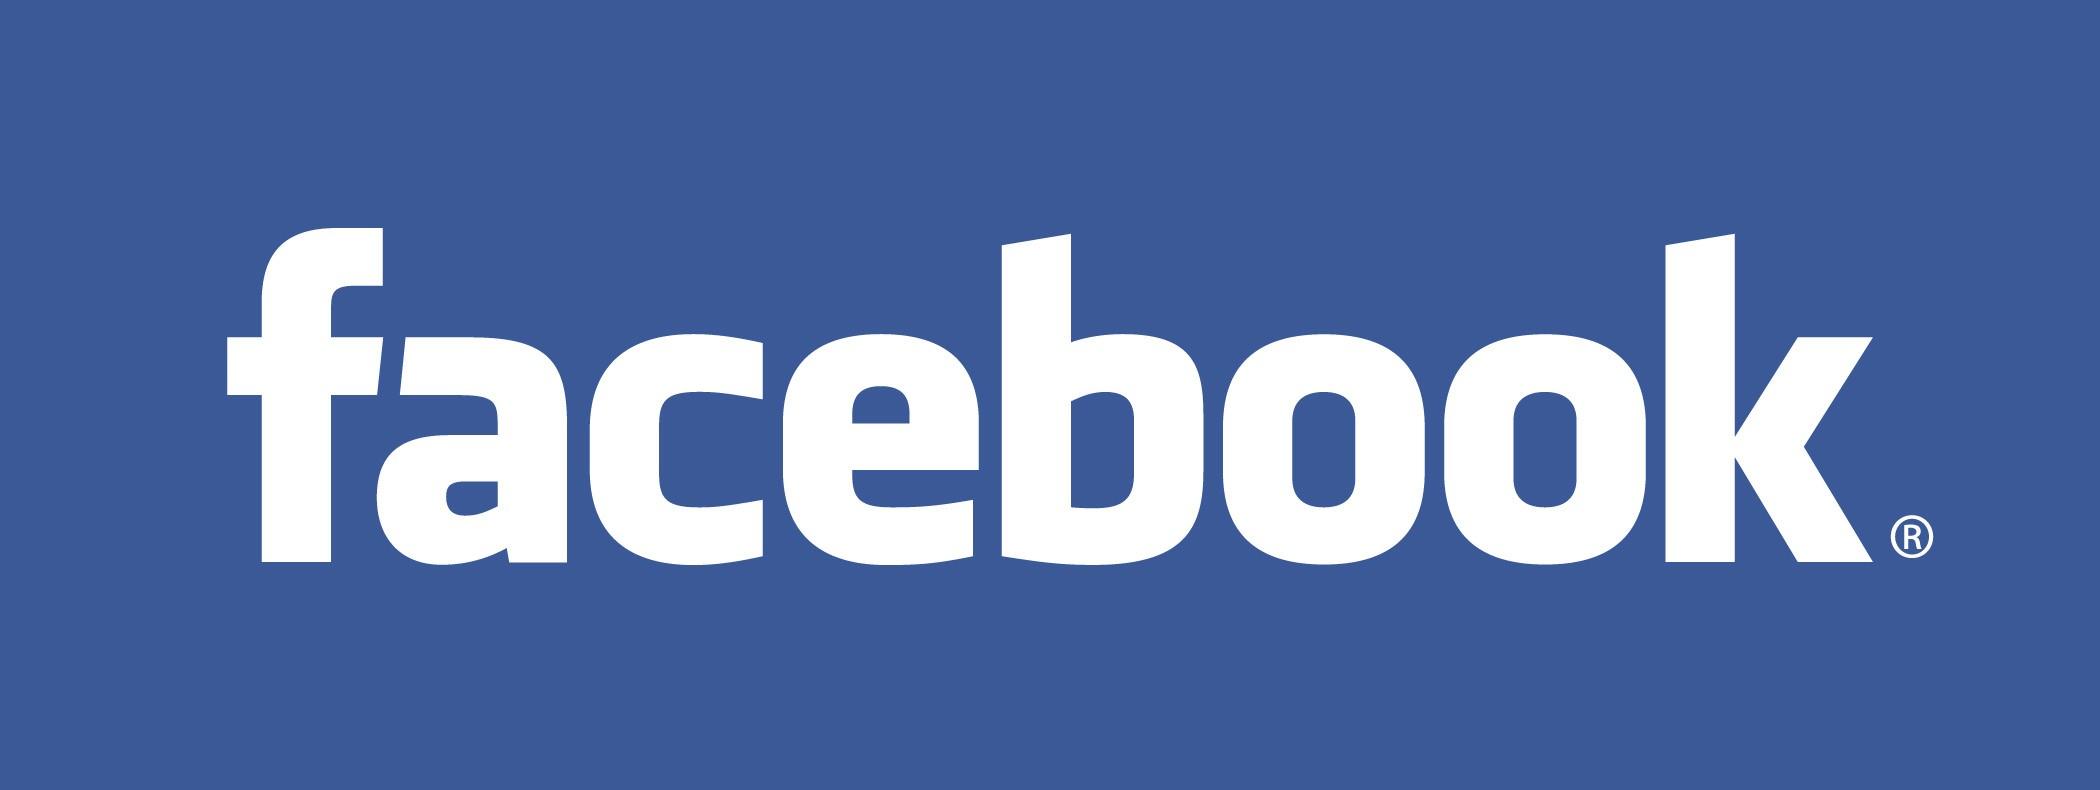 Facebookで同姓同名の人に友だち申請をしている人には要注意